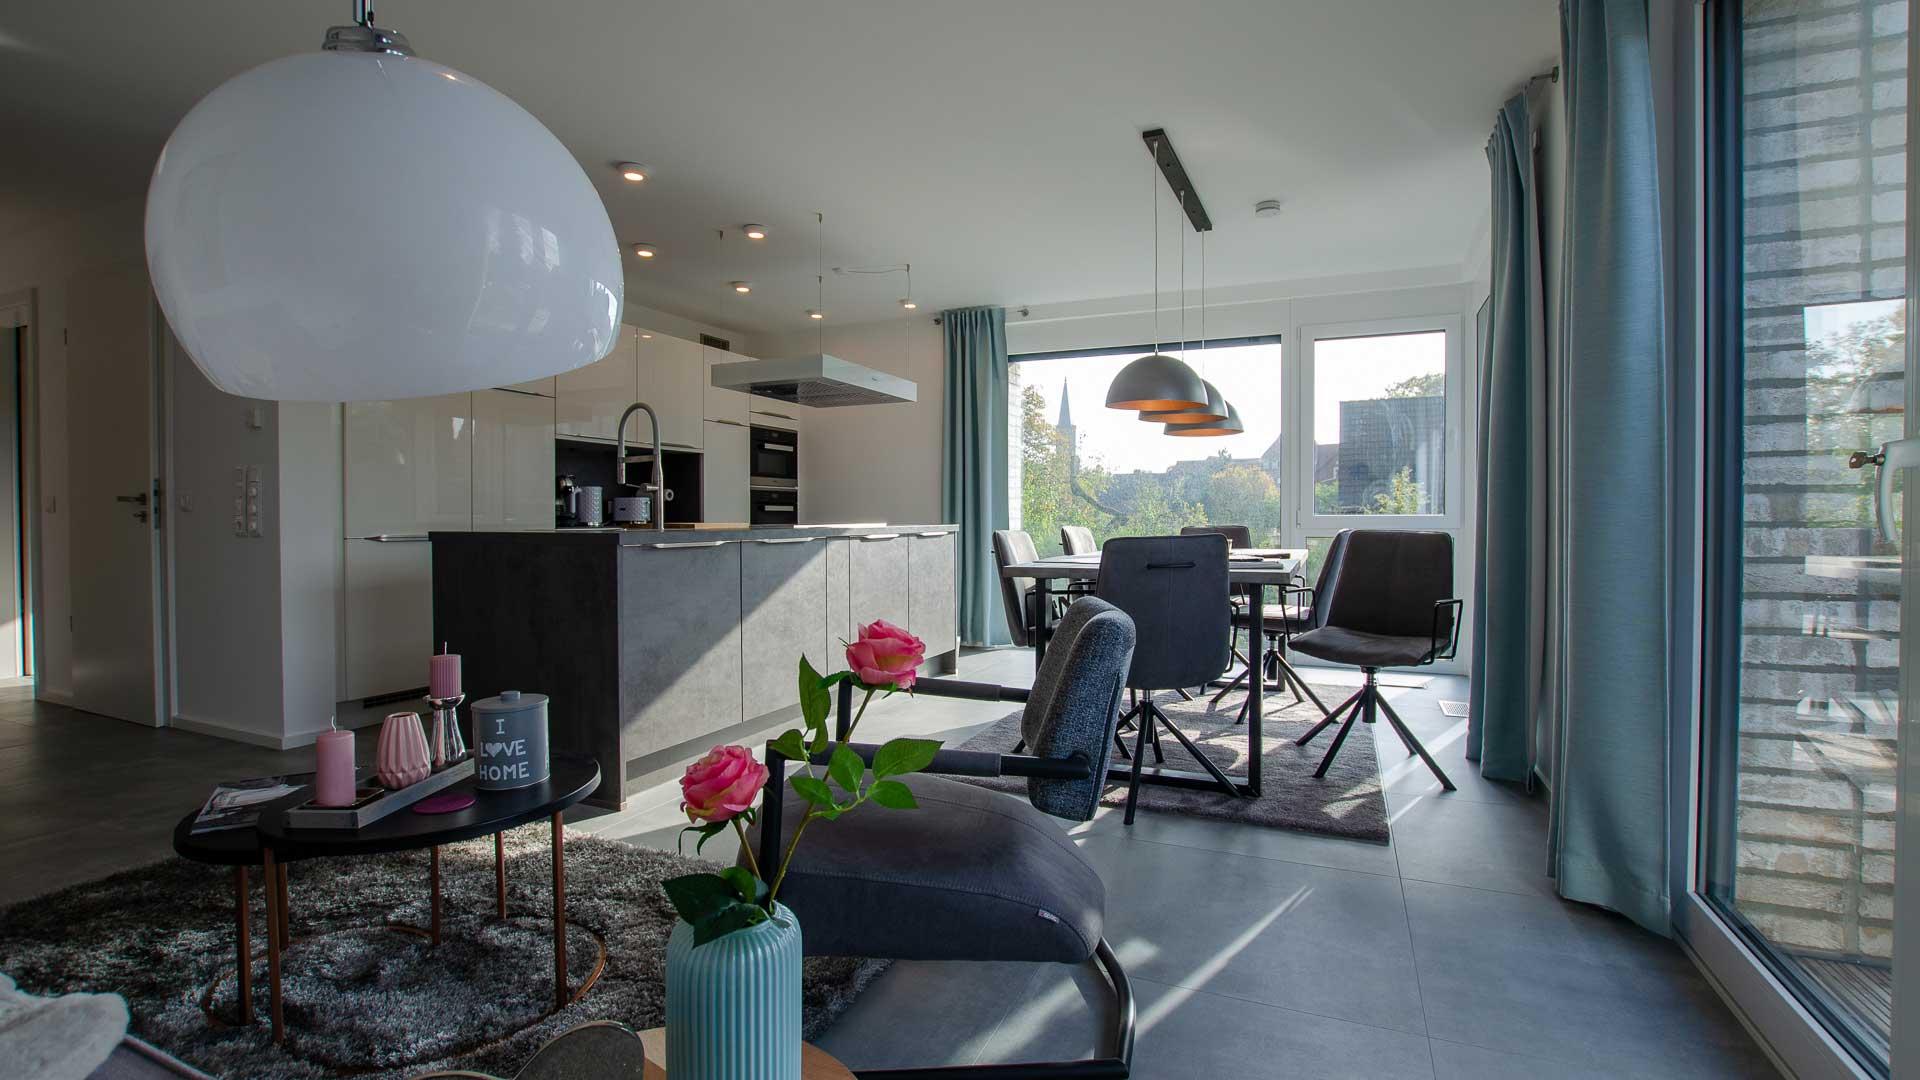 Einrichtung erstes Eigenheim? Mit unserem Blog werden wichtige Fragen geklärt